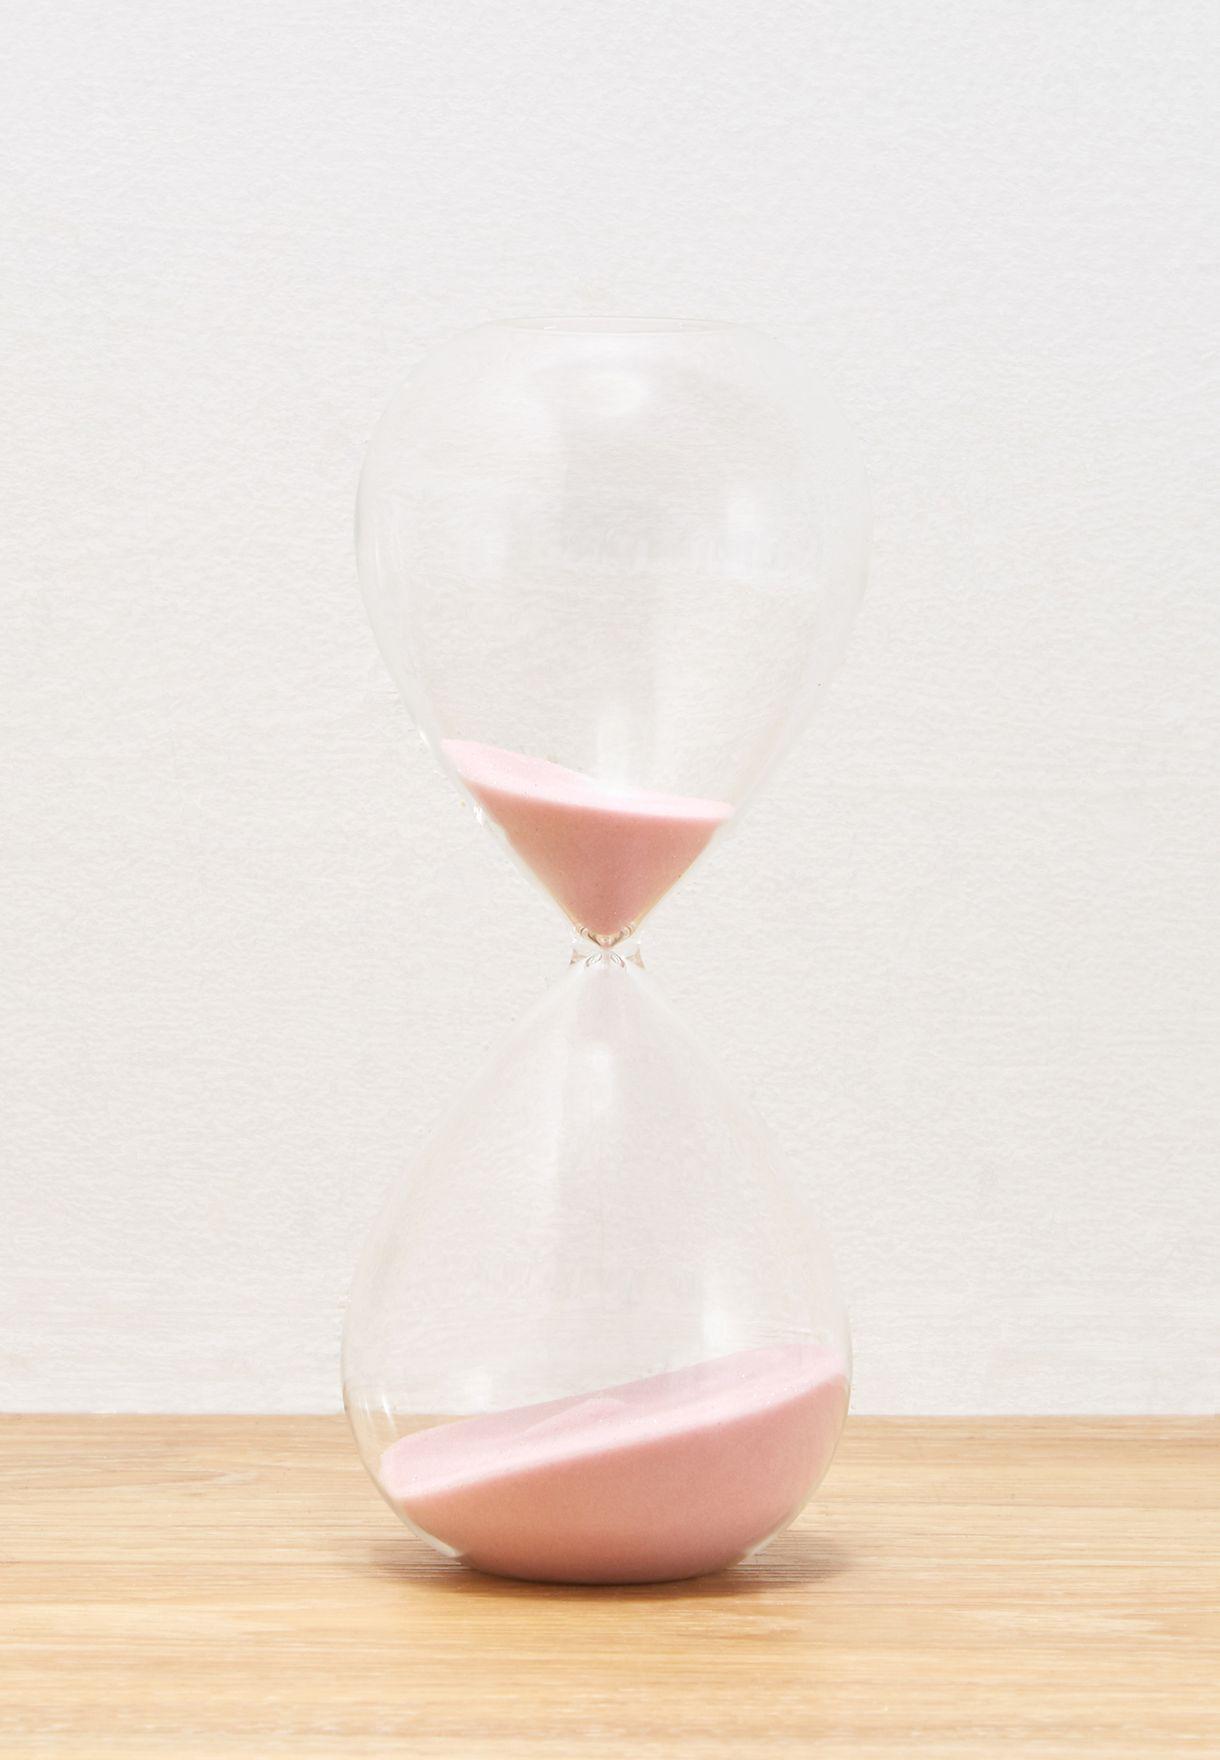 ساعة رملية زجاجية